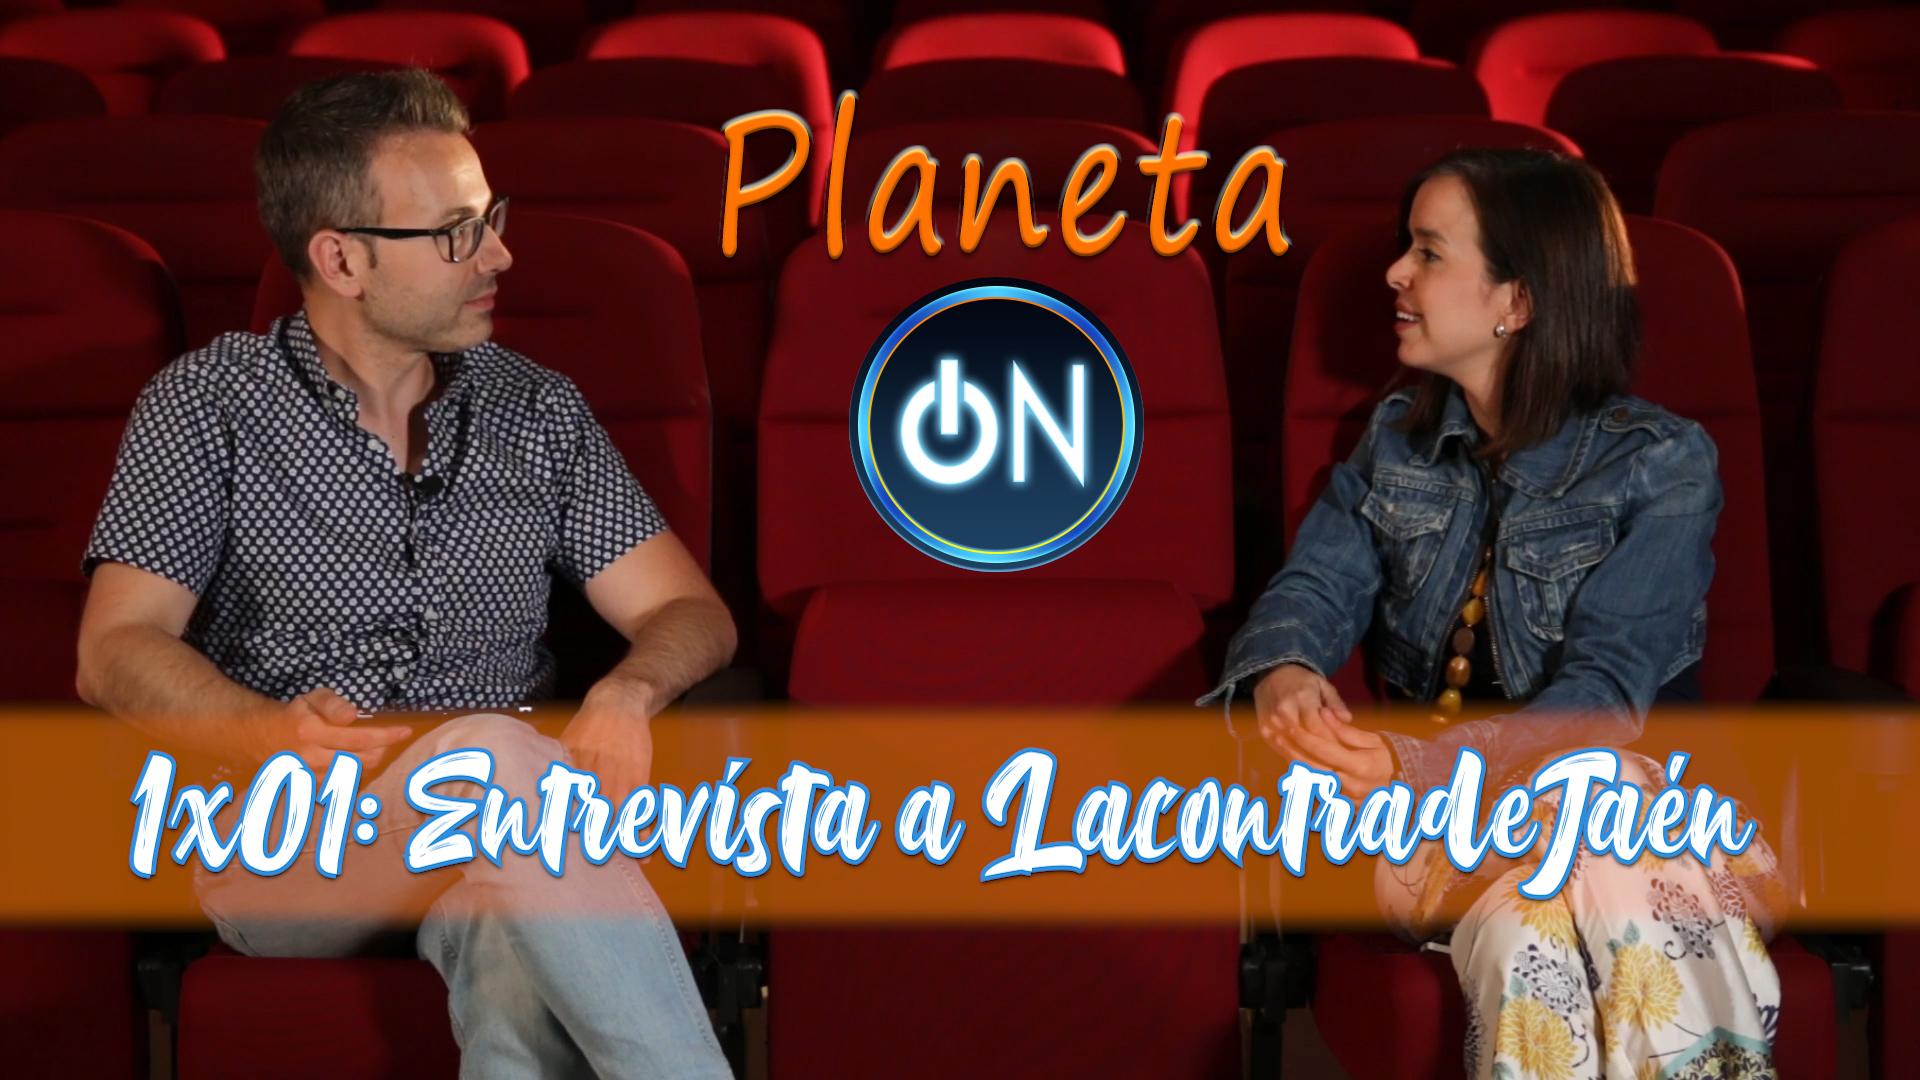 PlanetaOn-1x01